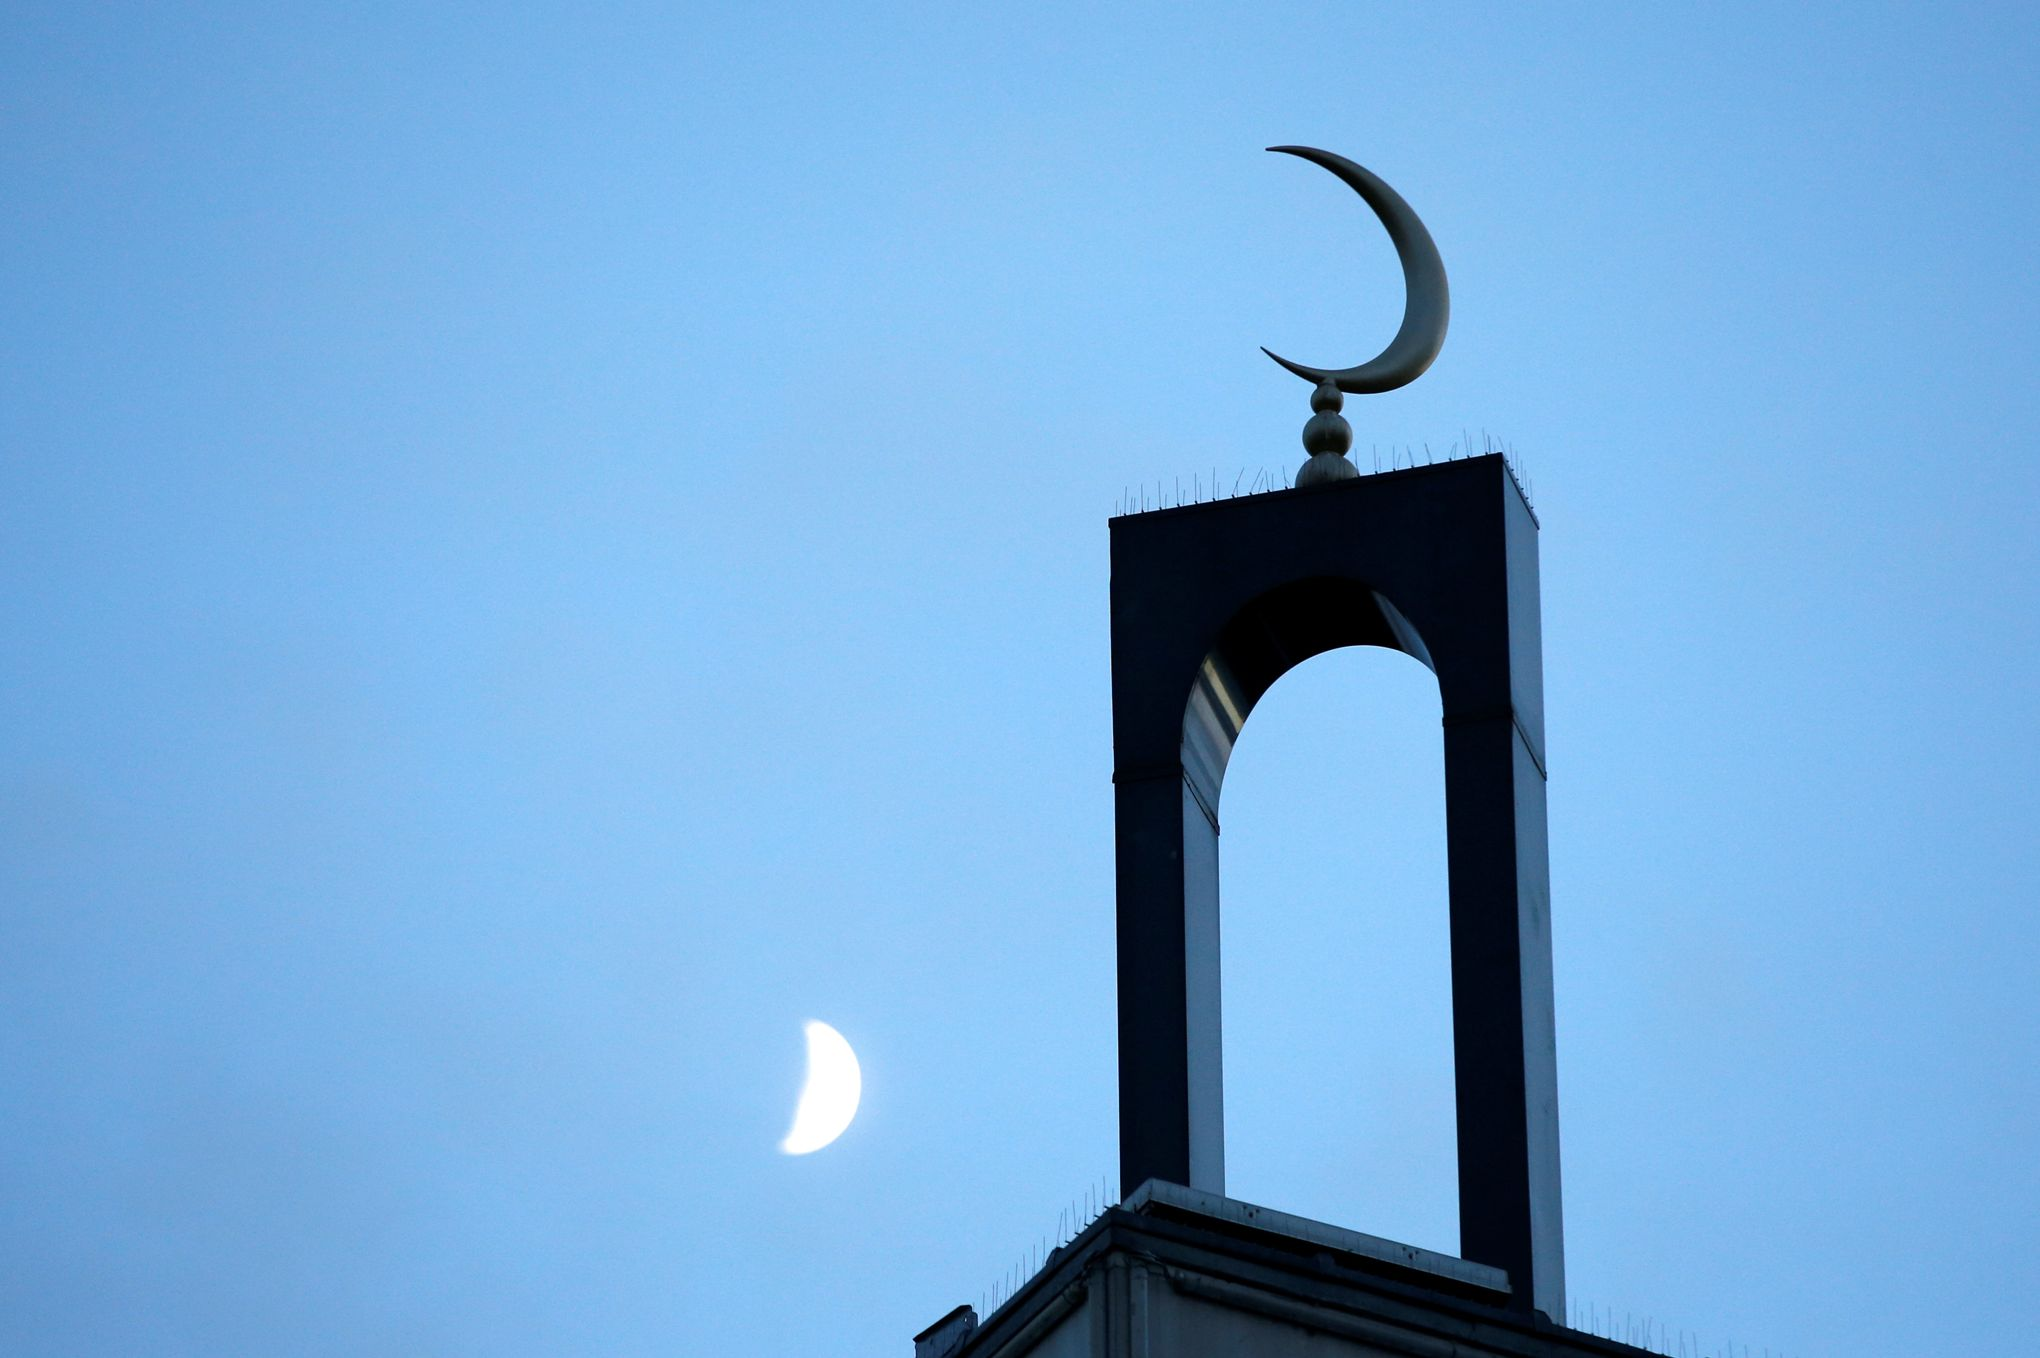 pourquoi comparer les musulmans d u0026 39 aujourd u0026 39 hui avec les juifs d u0026 39 hier est inacceptable